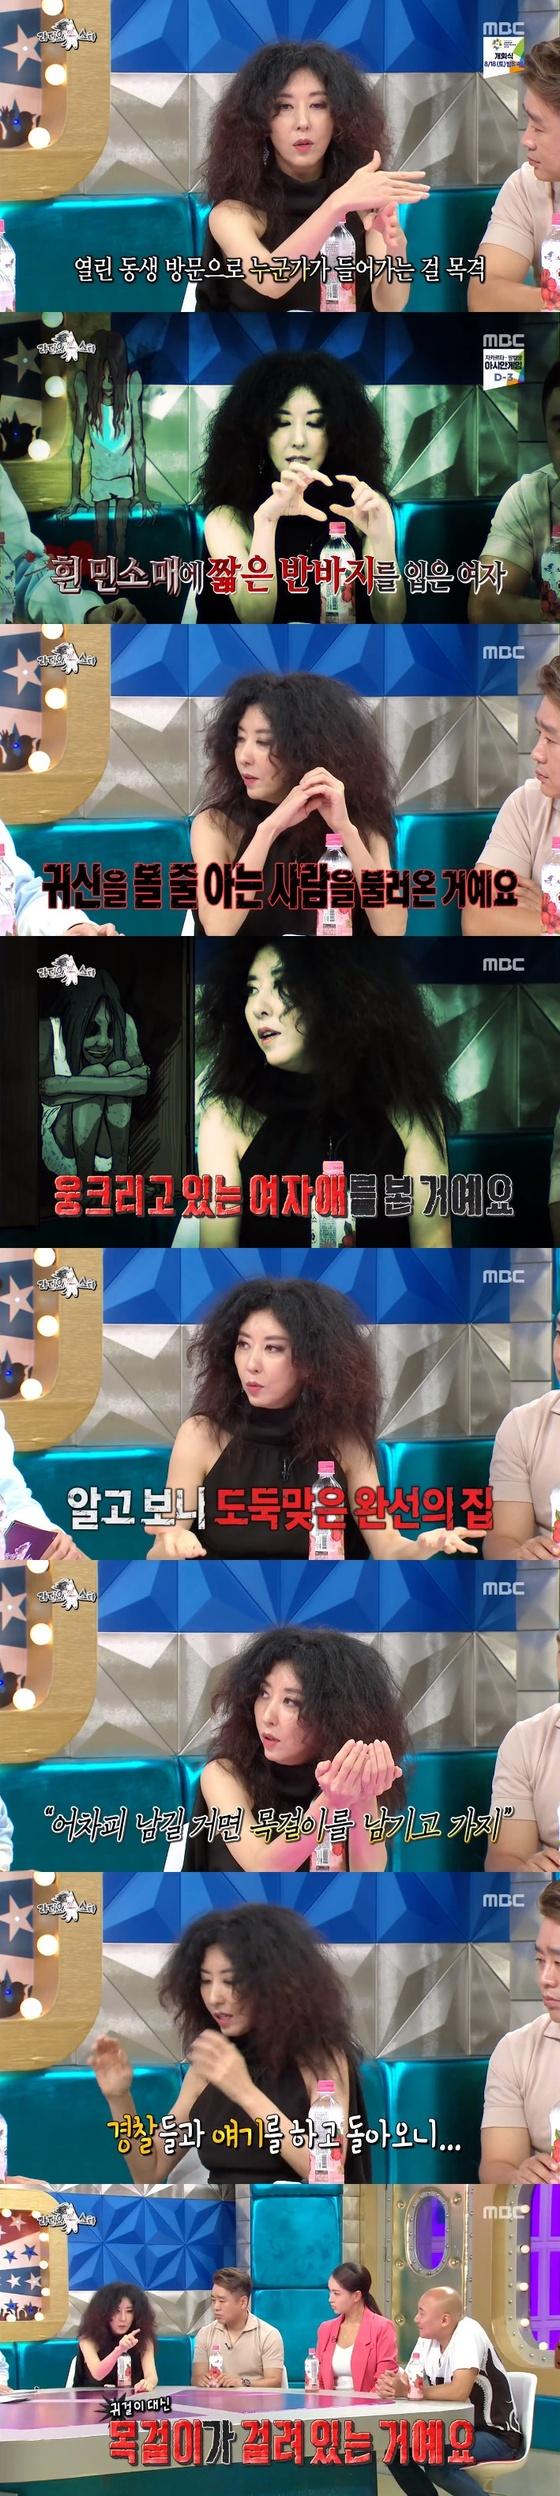 '라디오스타' 김완선, 진짜 등골 오싹했던 귀신·도둑 일화…'소름 돋아'(종합)